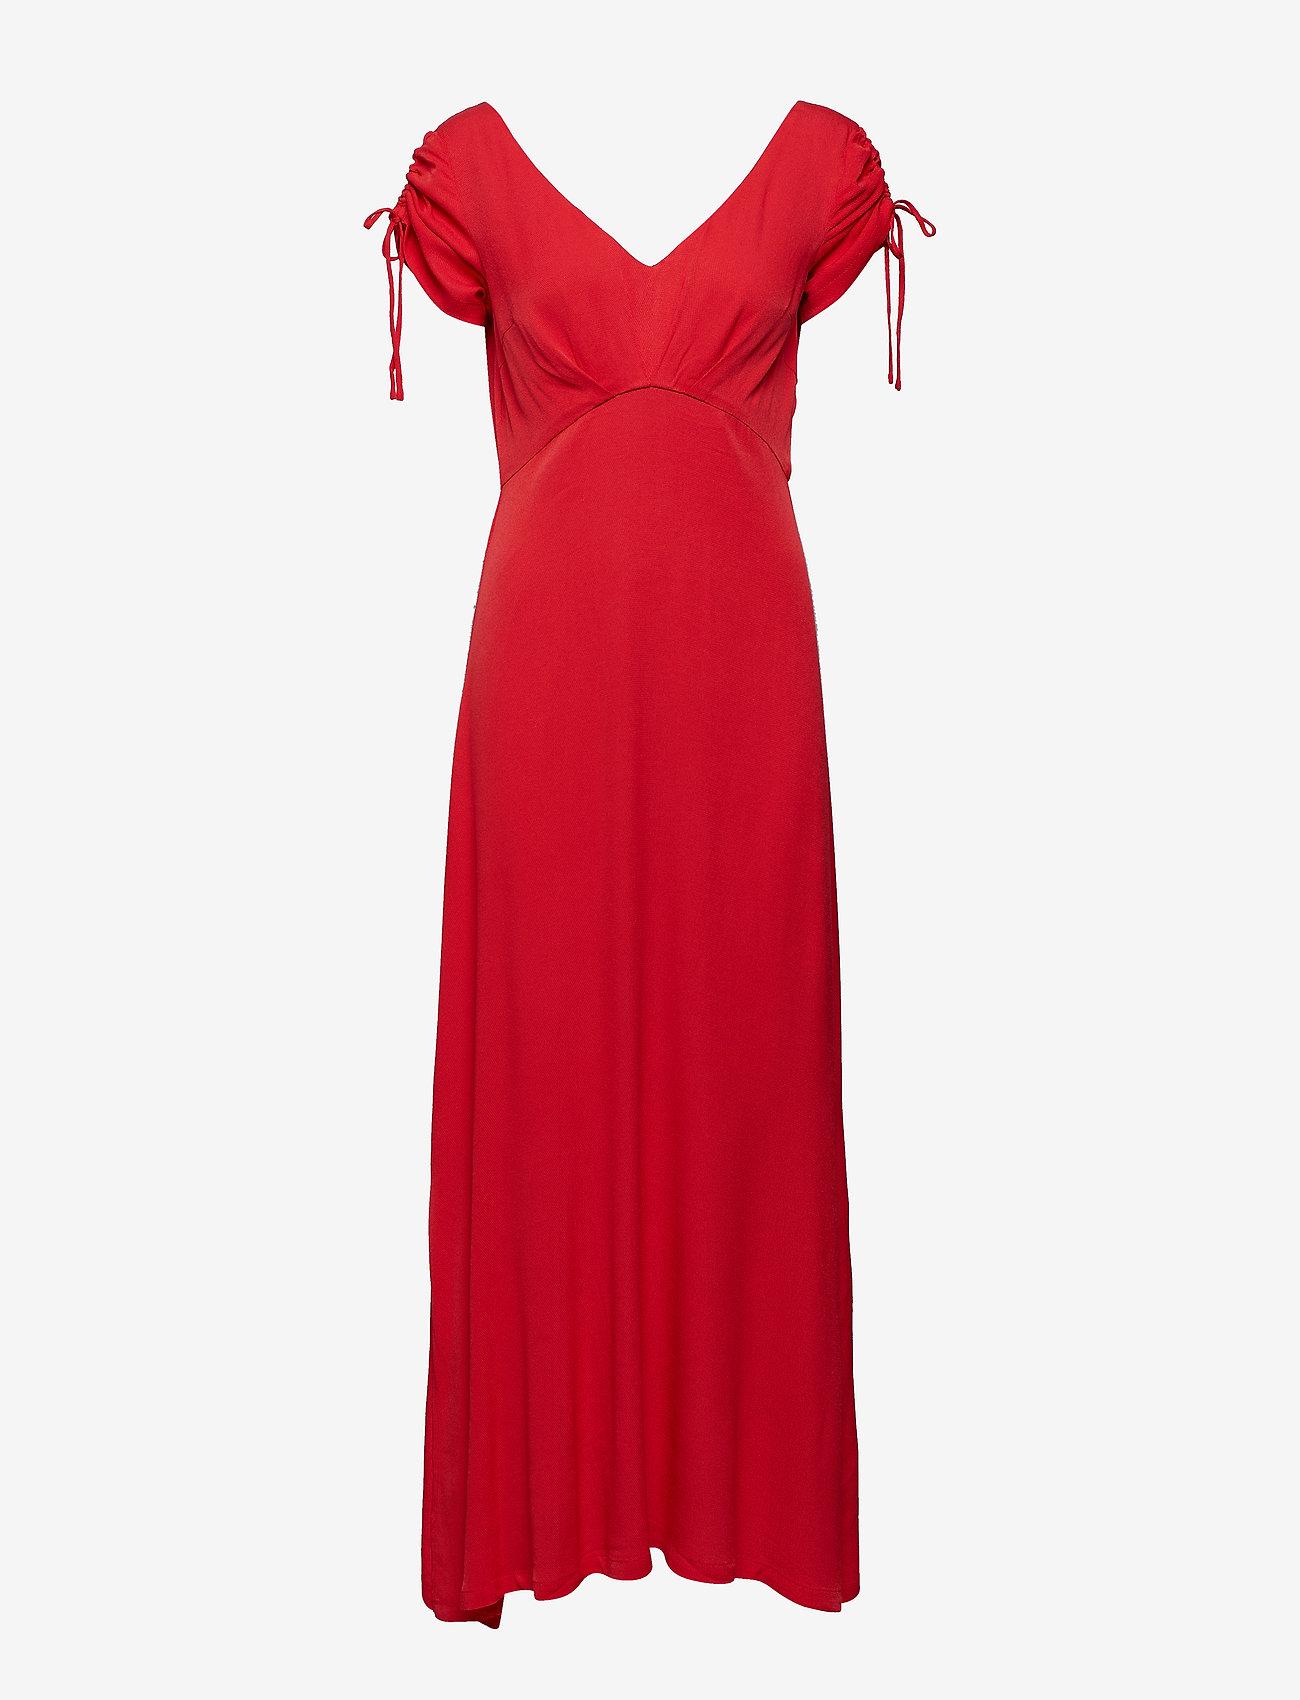 Henrietta (True Red) (300 kr) - Minimum